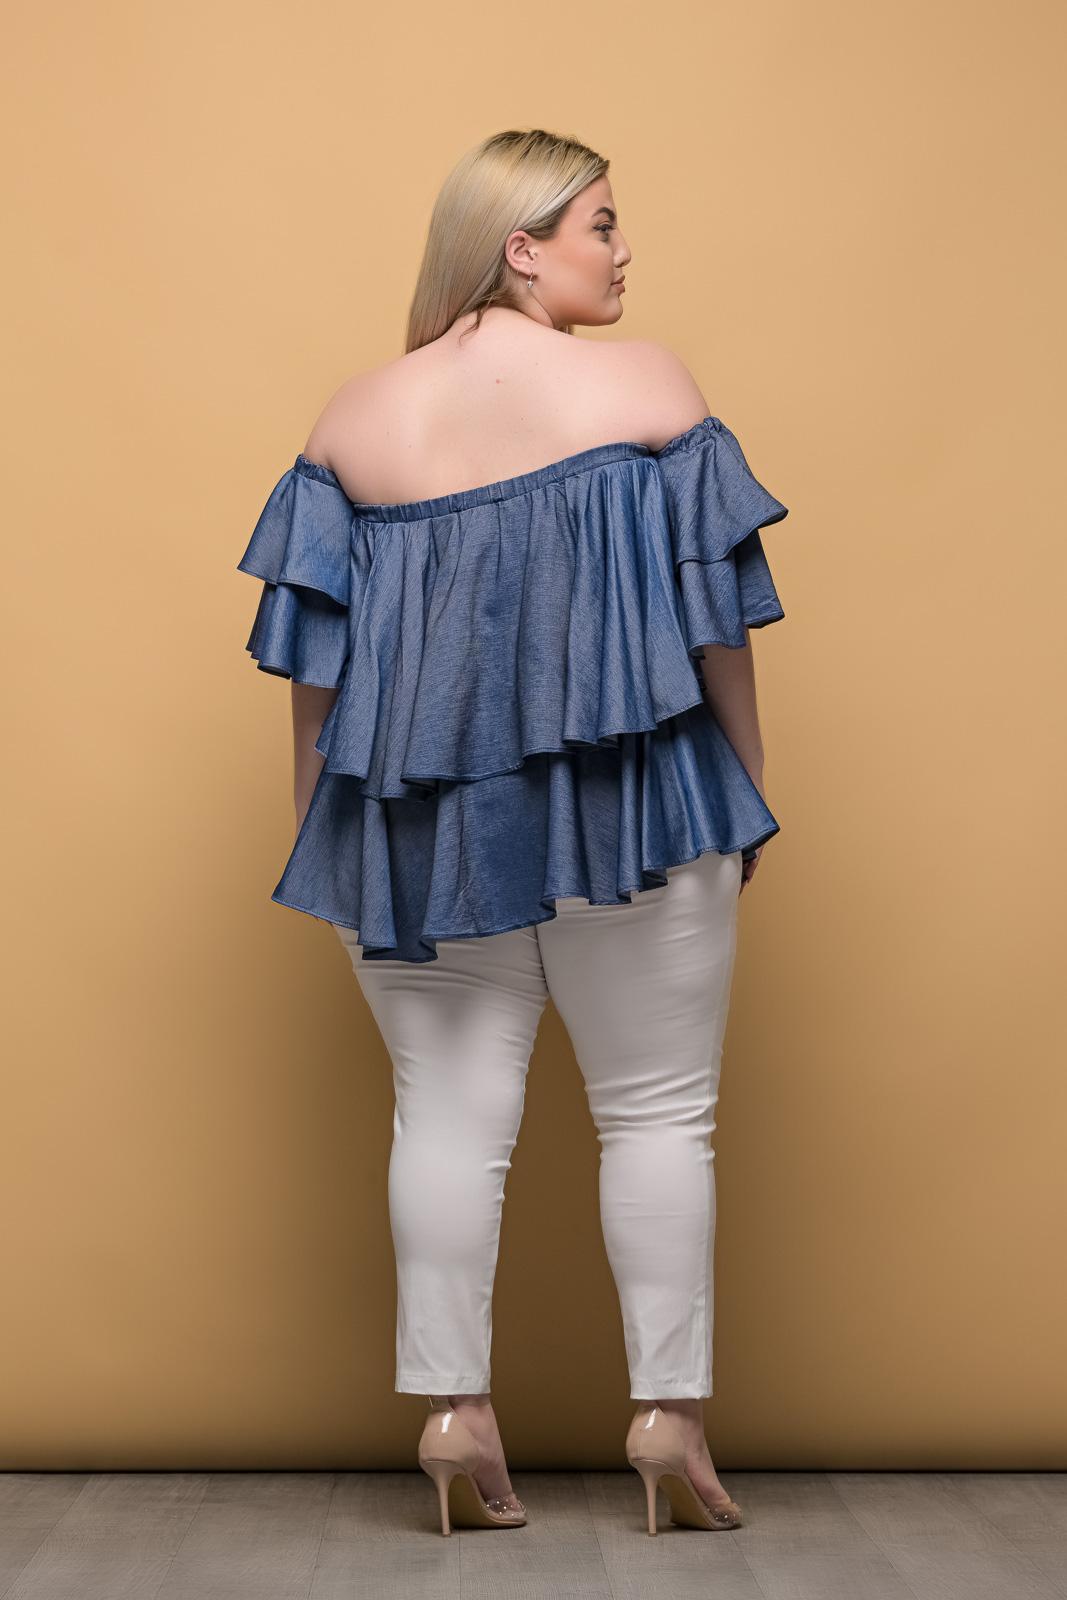 Παντελόνι μεγάλα μεγέθη ελαστική καμπαρντίνα άσπρη μέχρι τον αστράγαλο.Στο eshop μας θα βρείτε οικονομικά γυναίκεια ρούχα σε μεγάλα μεγέθη και υπερμεγέθη.